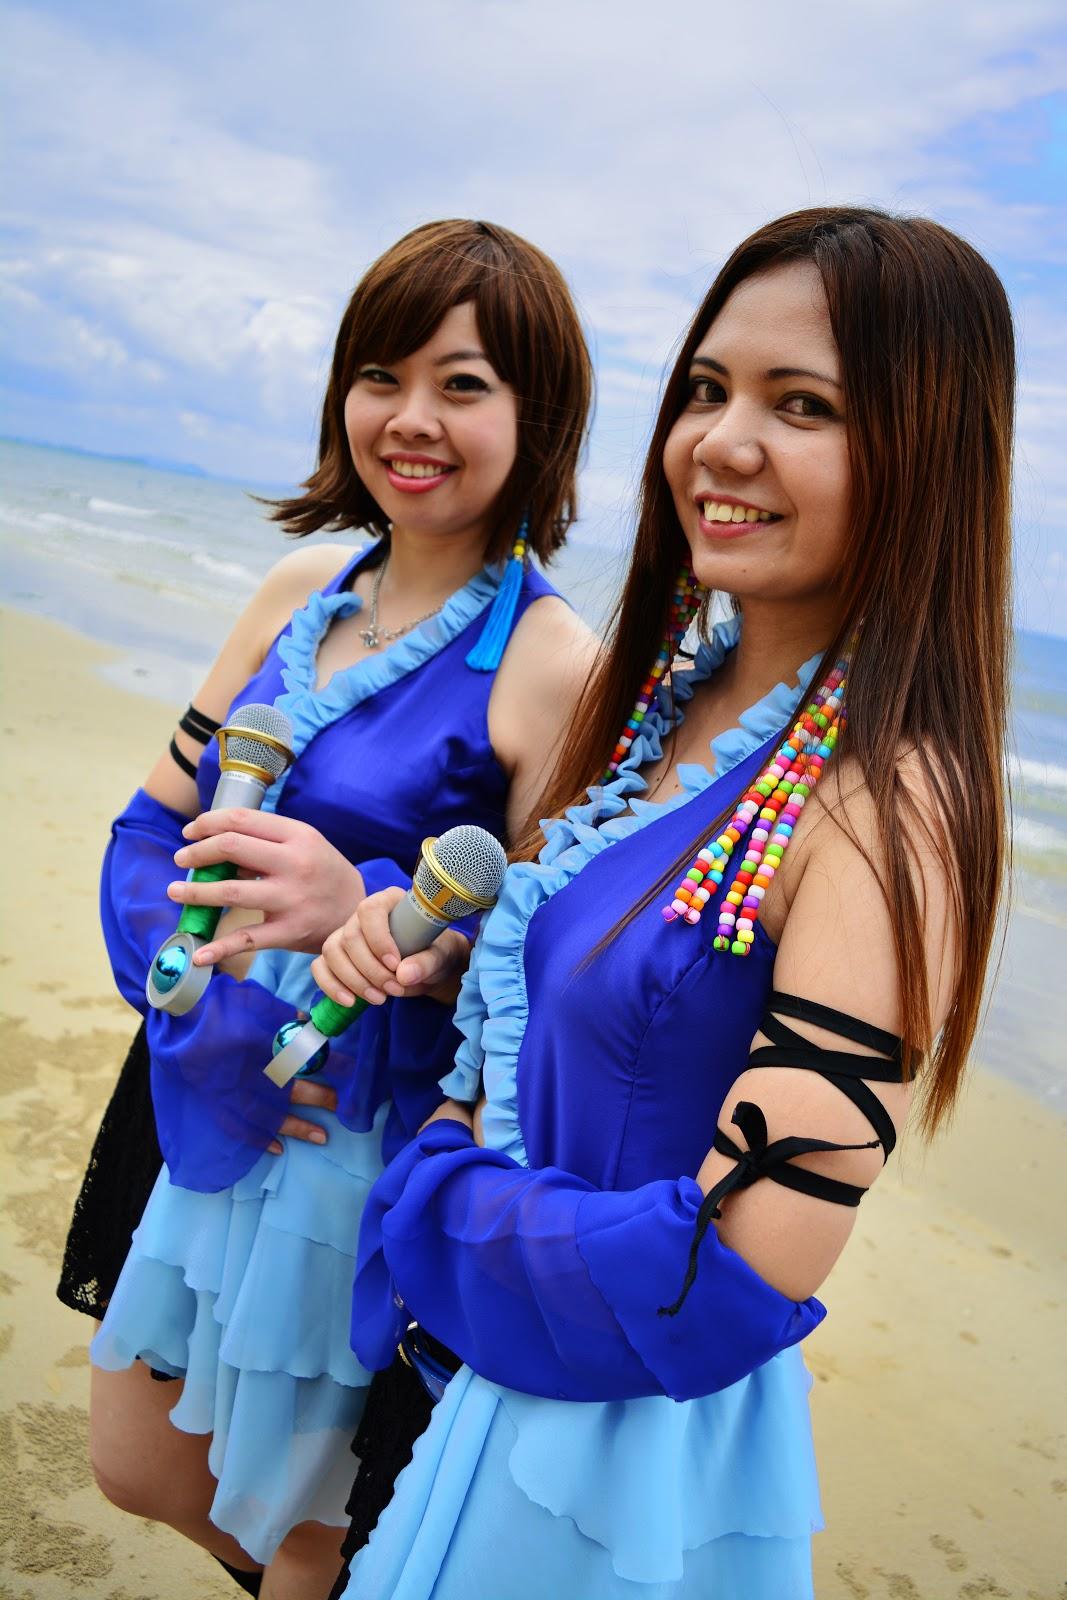 Yuna & Lenne ~ Final Fantasy X2